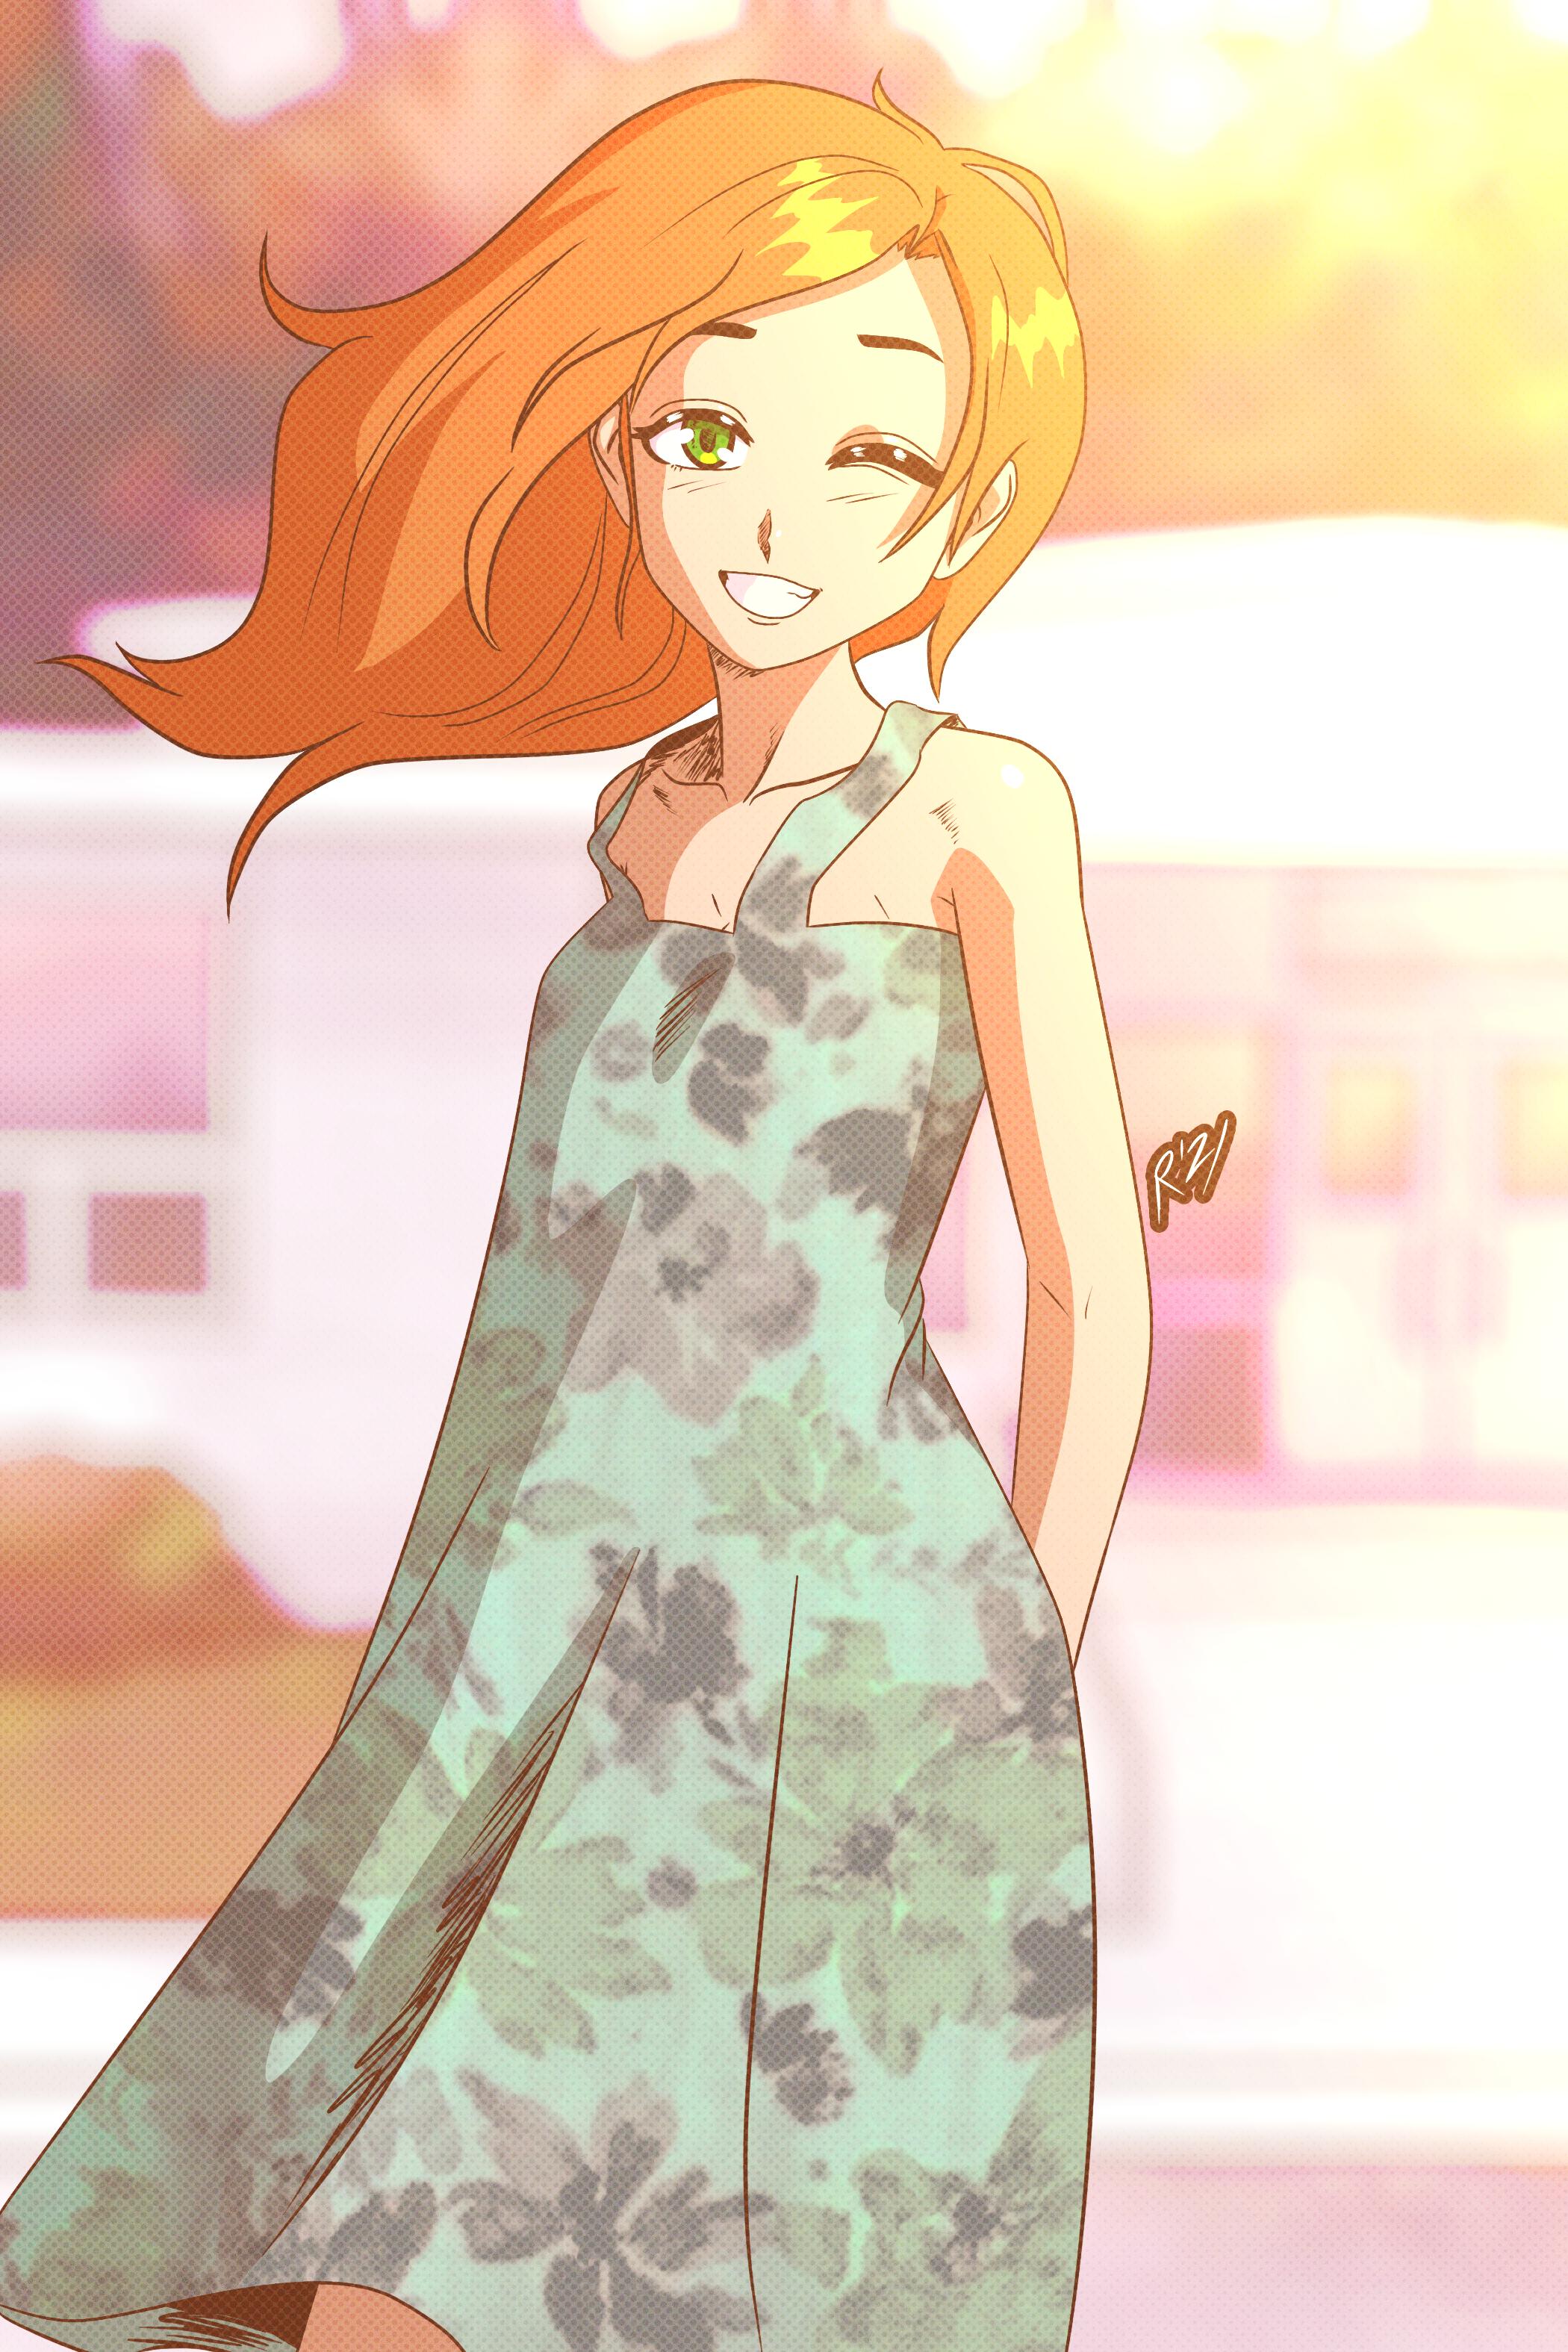 Sasha, The Church Girl